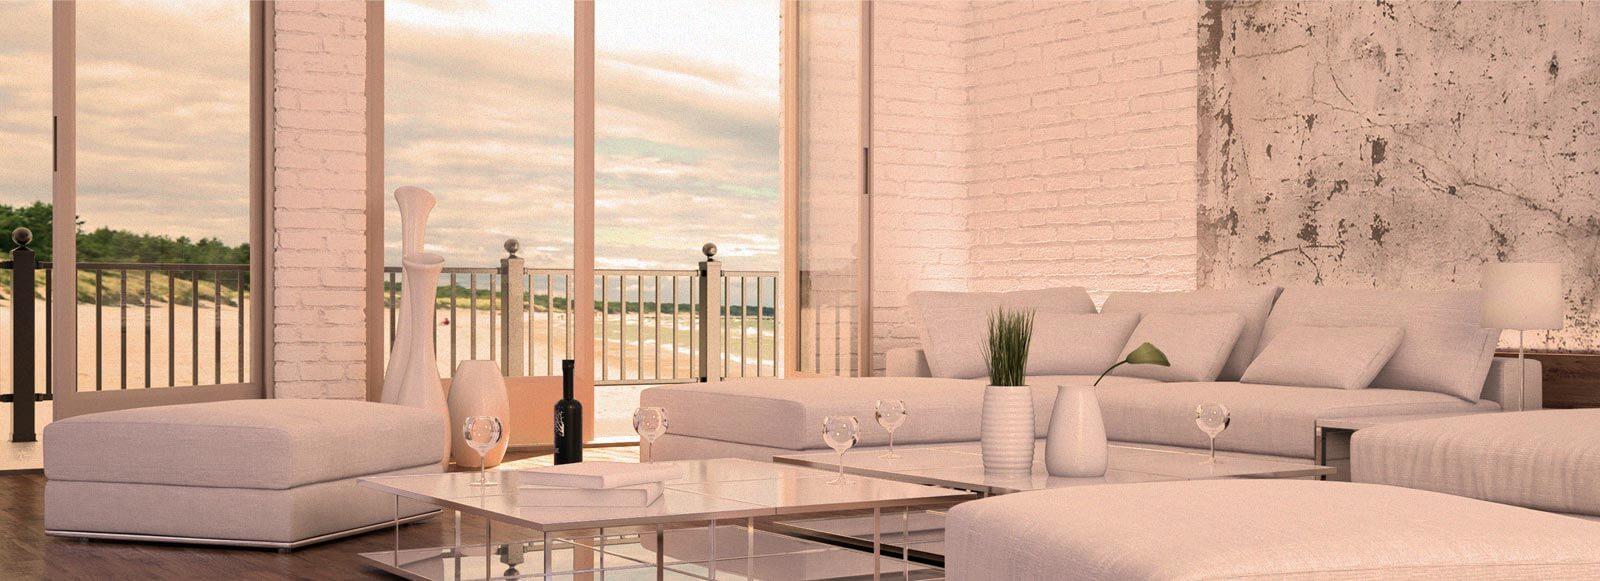 Living Room 2 - Lauren Sencion